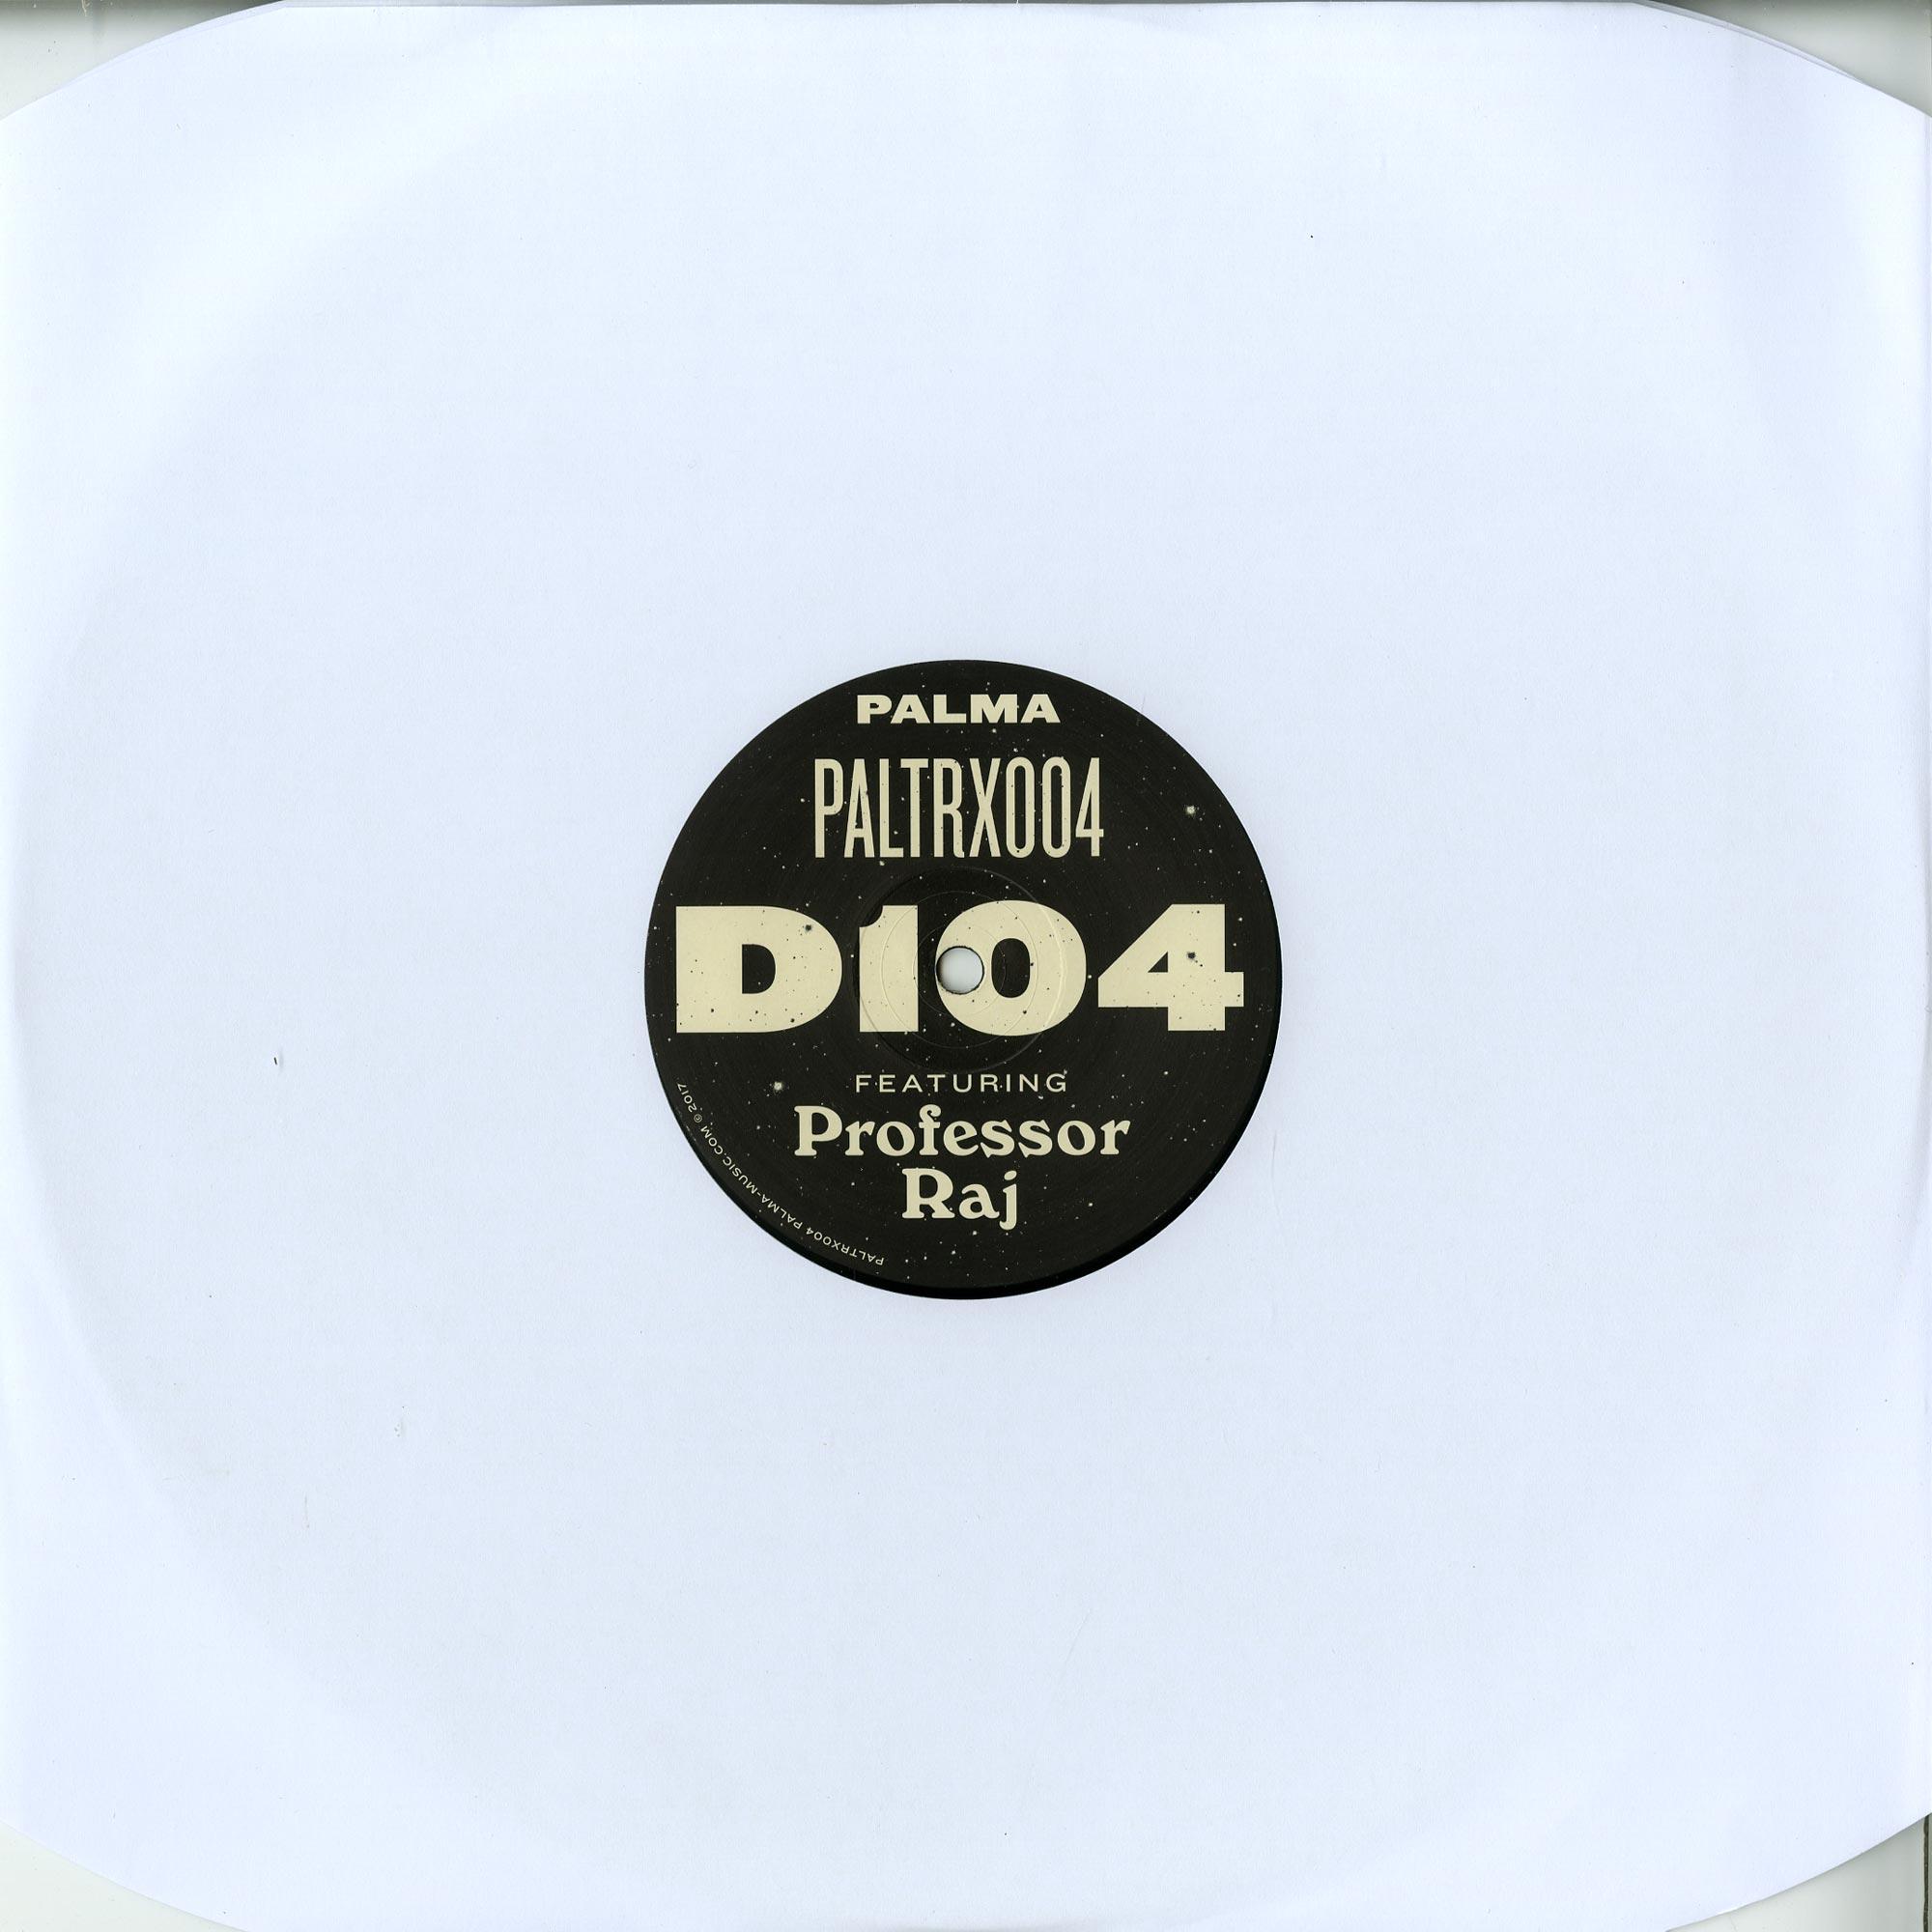 D104 featuring Professor Raj - PALTRX004